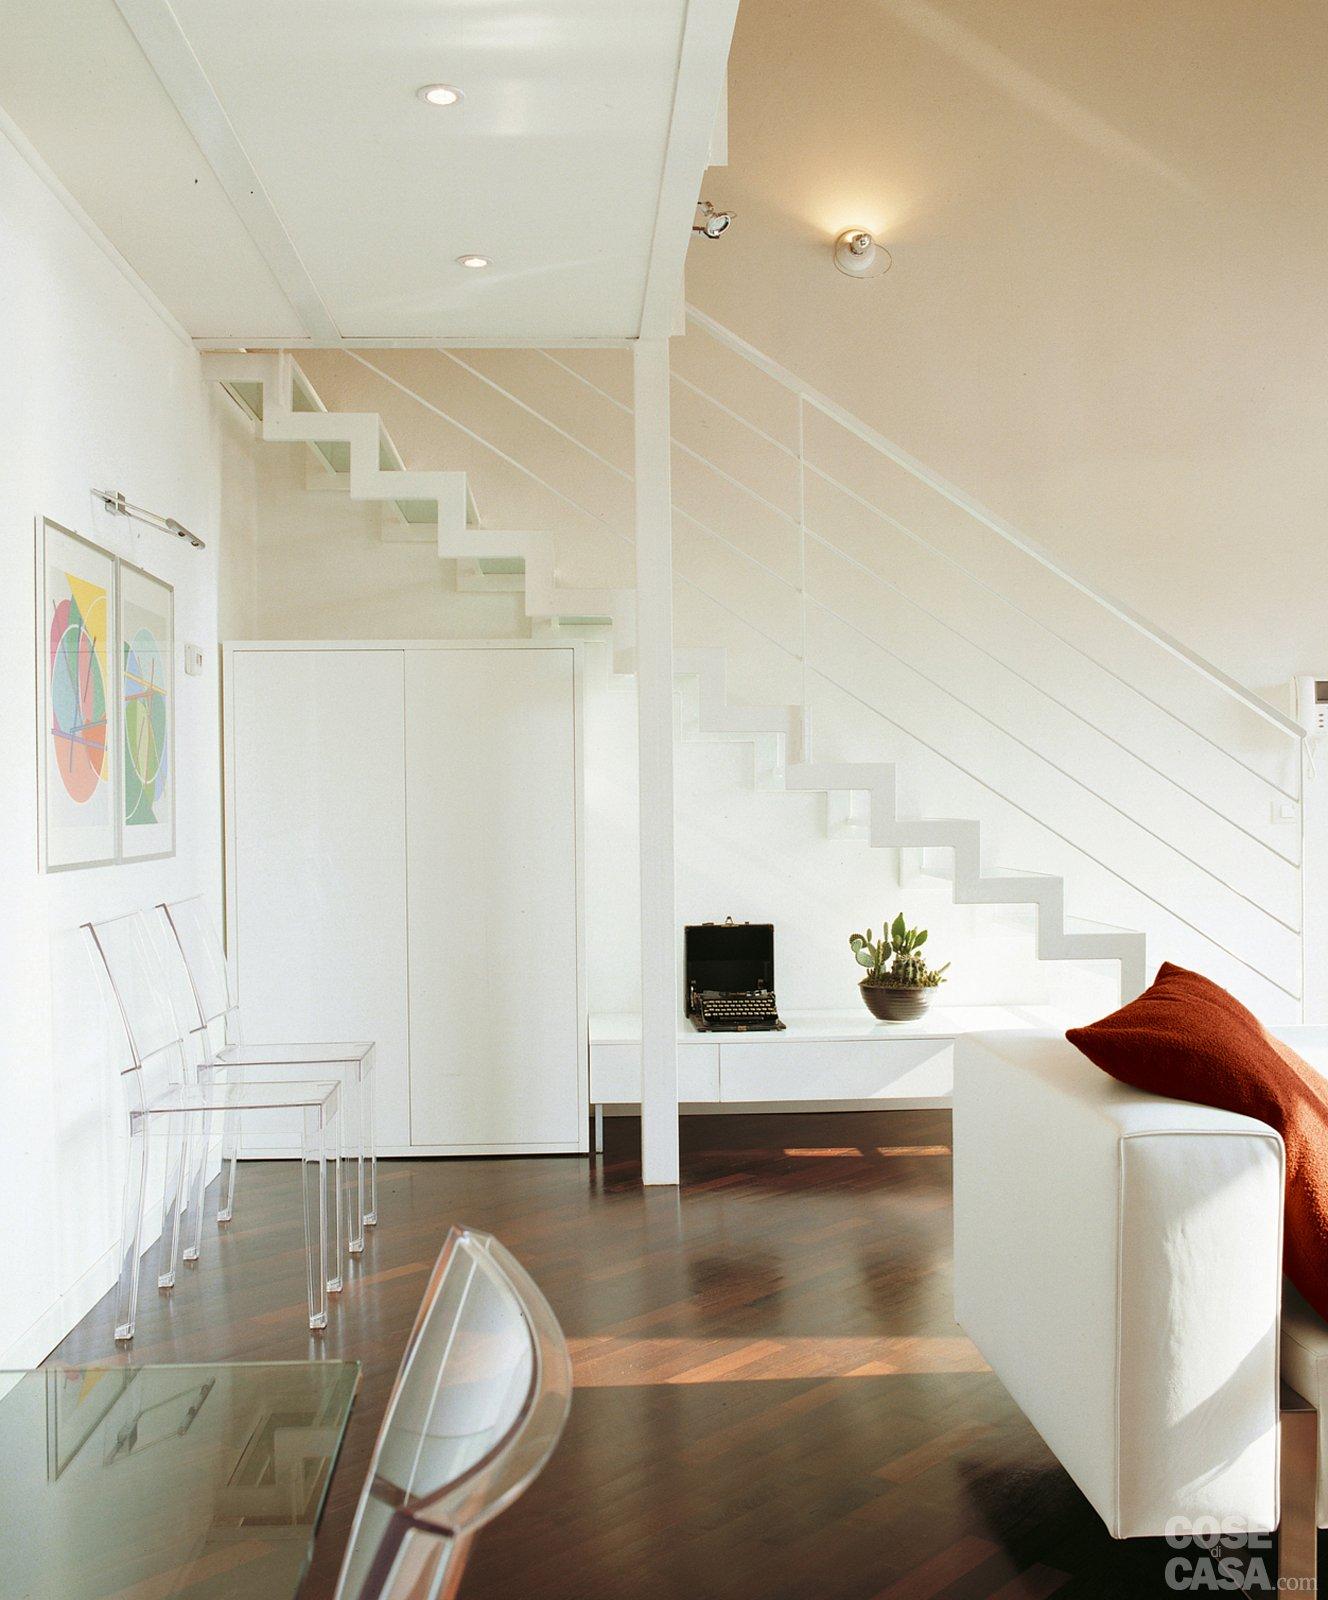 Casa immobiliare accessori scale interno casa - Scale interno casa ...